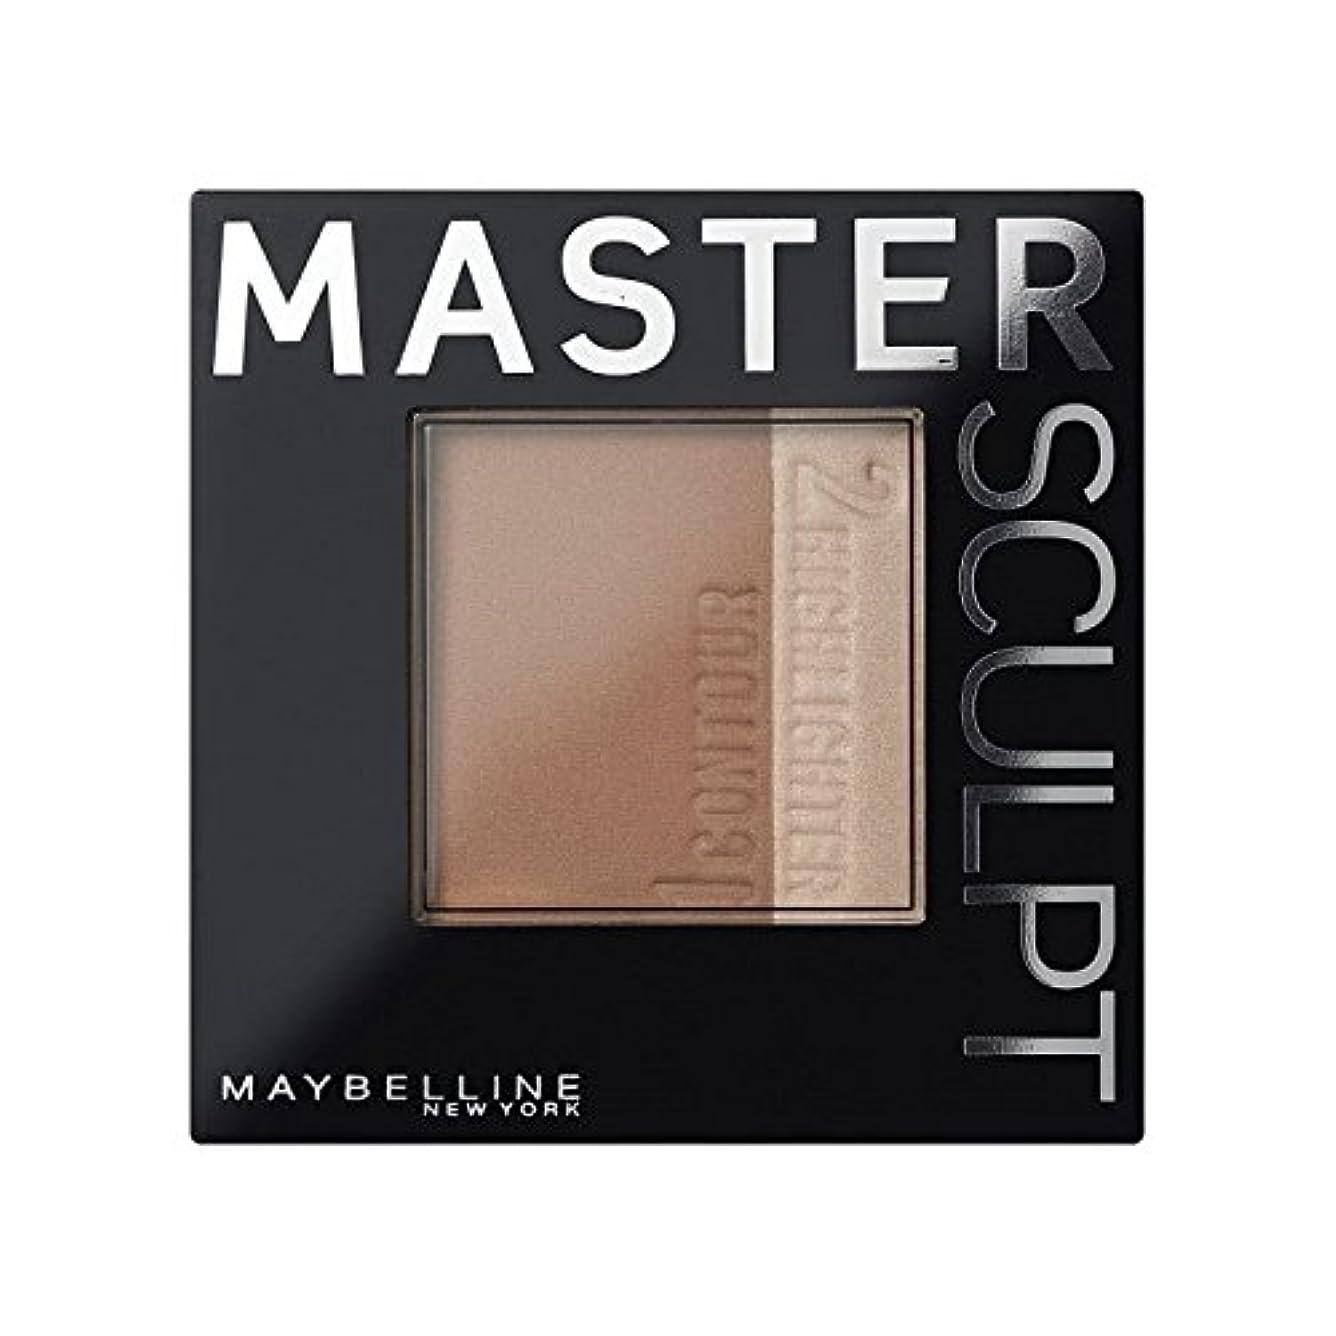 効率的四回順応性のあるメイベリンマスタースカルプト基盤02の /暗い輪郭 x2 - Maybelline Master Sculpt Contouring Foundation 02 Med/Dark (Pack of 2) [並行輸入品]